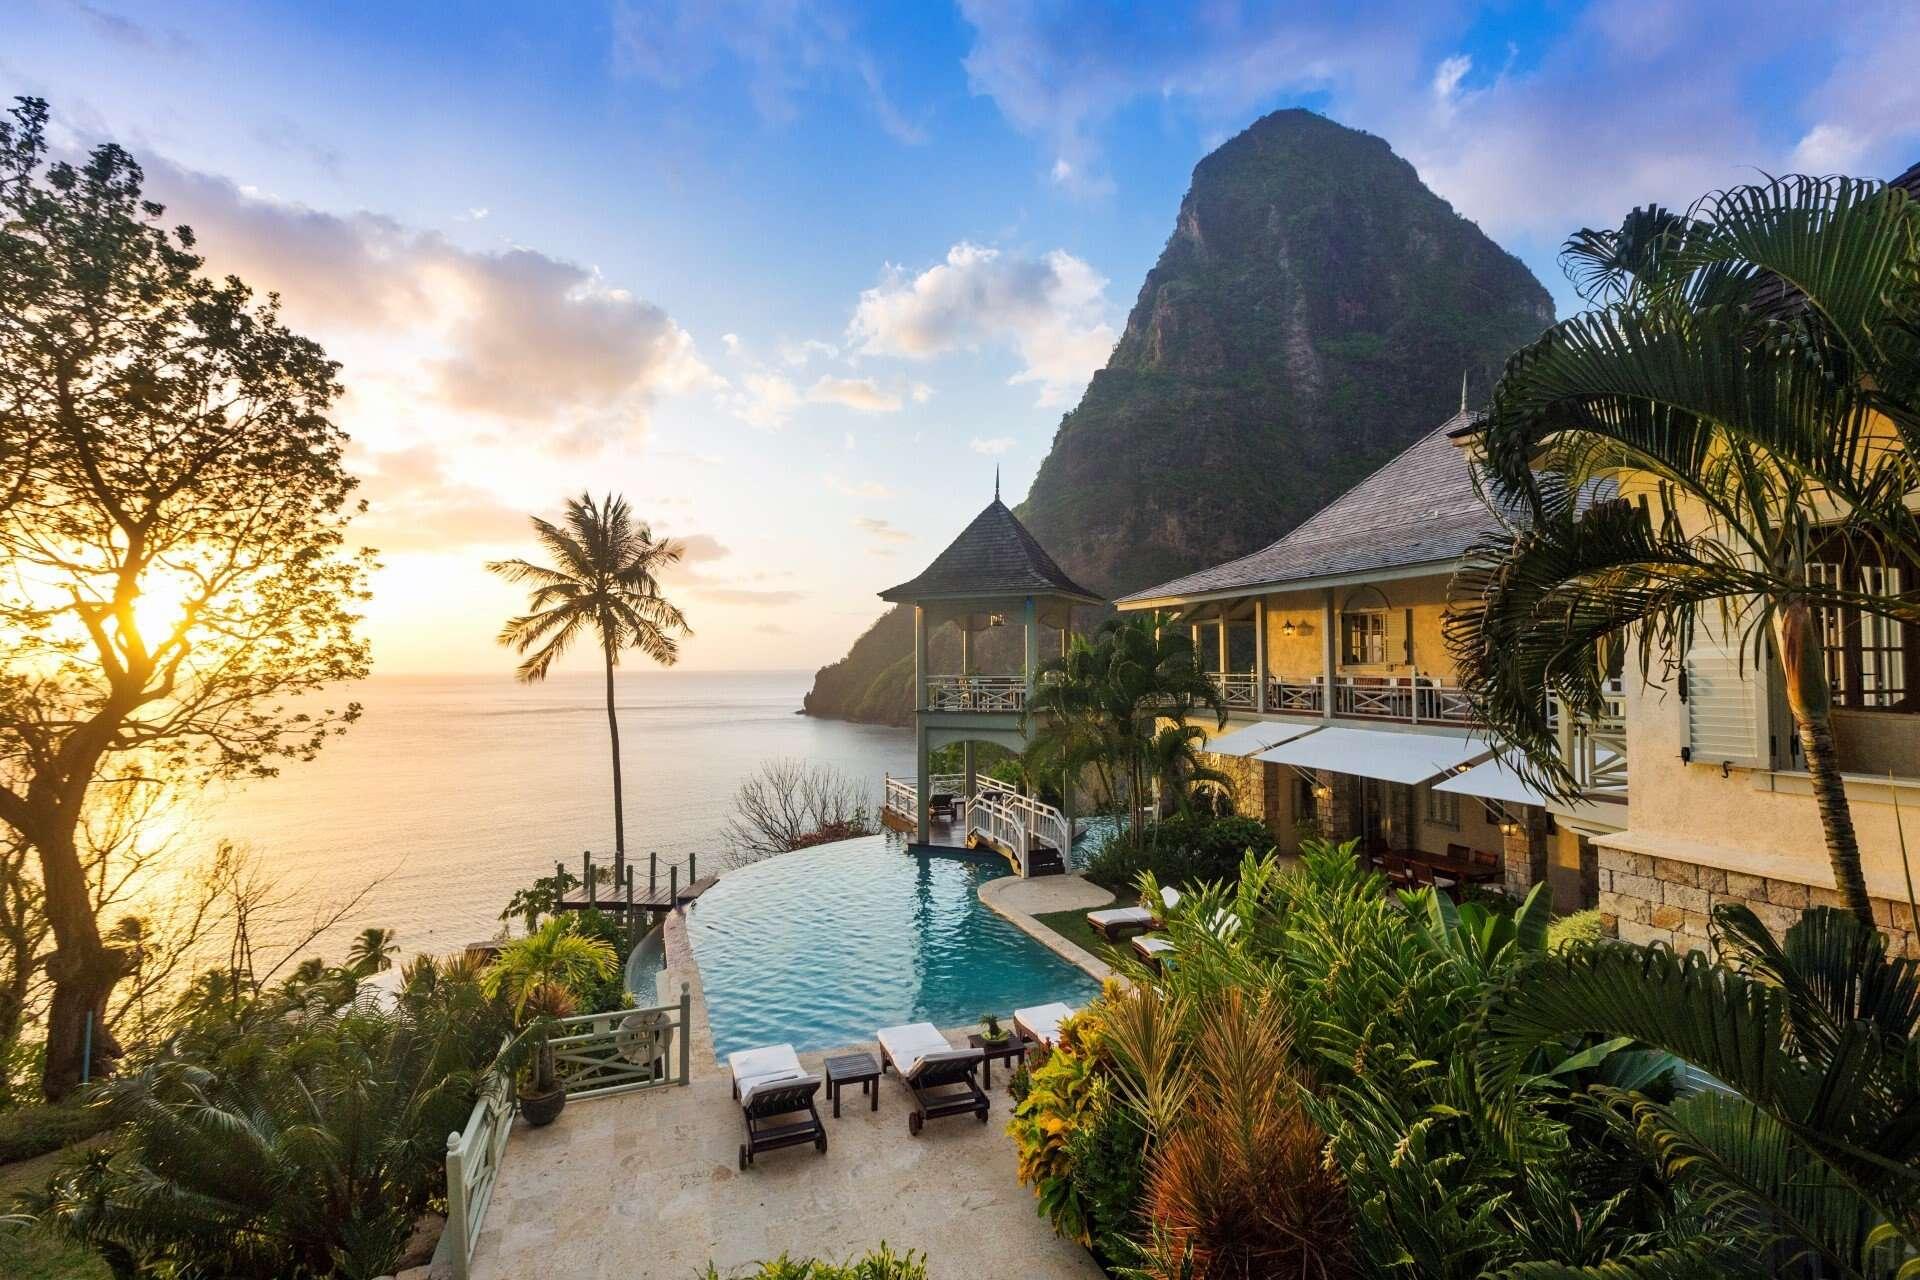 Luxury villa rentals caribbean - St lucia - Soufriere - Belle vue - Arc en Ciel - Image 1/16